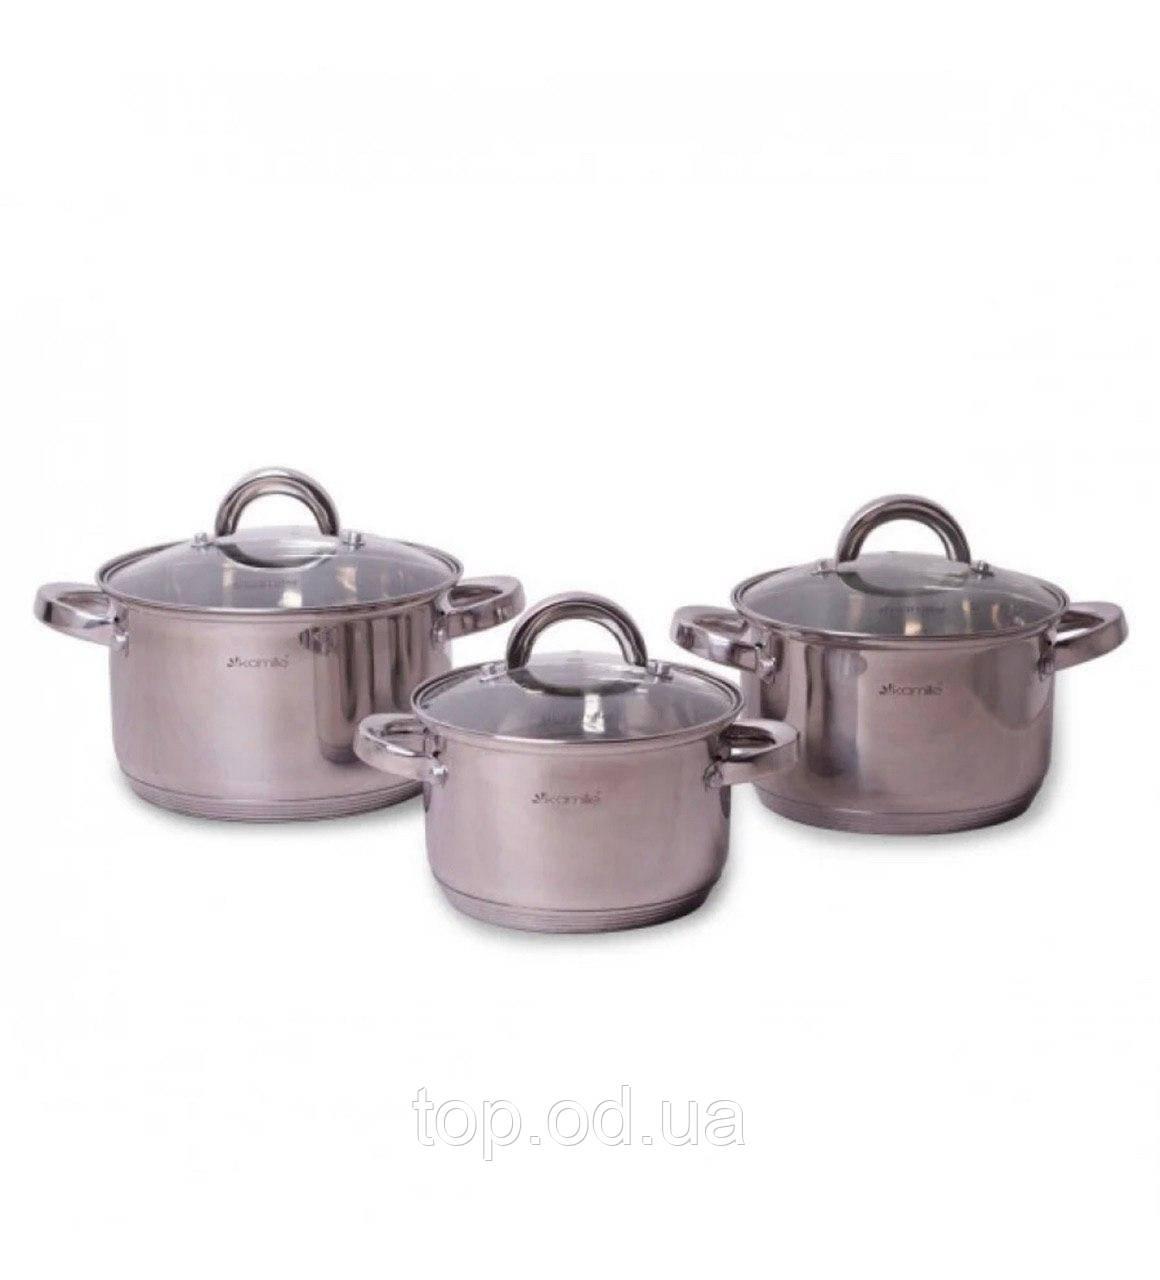 A5628S Набор кастрюль 6 предметов (1л, 1.8л, 2.5л; полые ручки) из нержавеющей стали